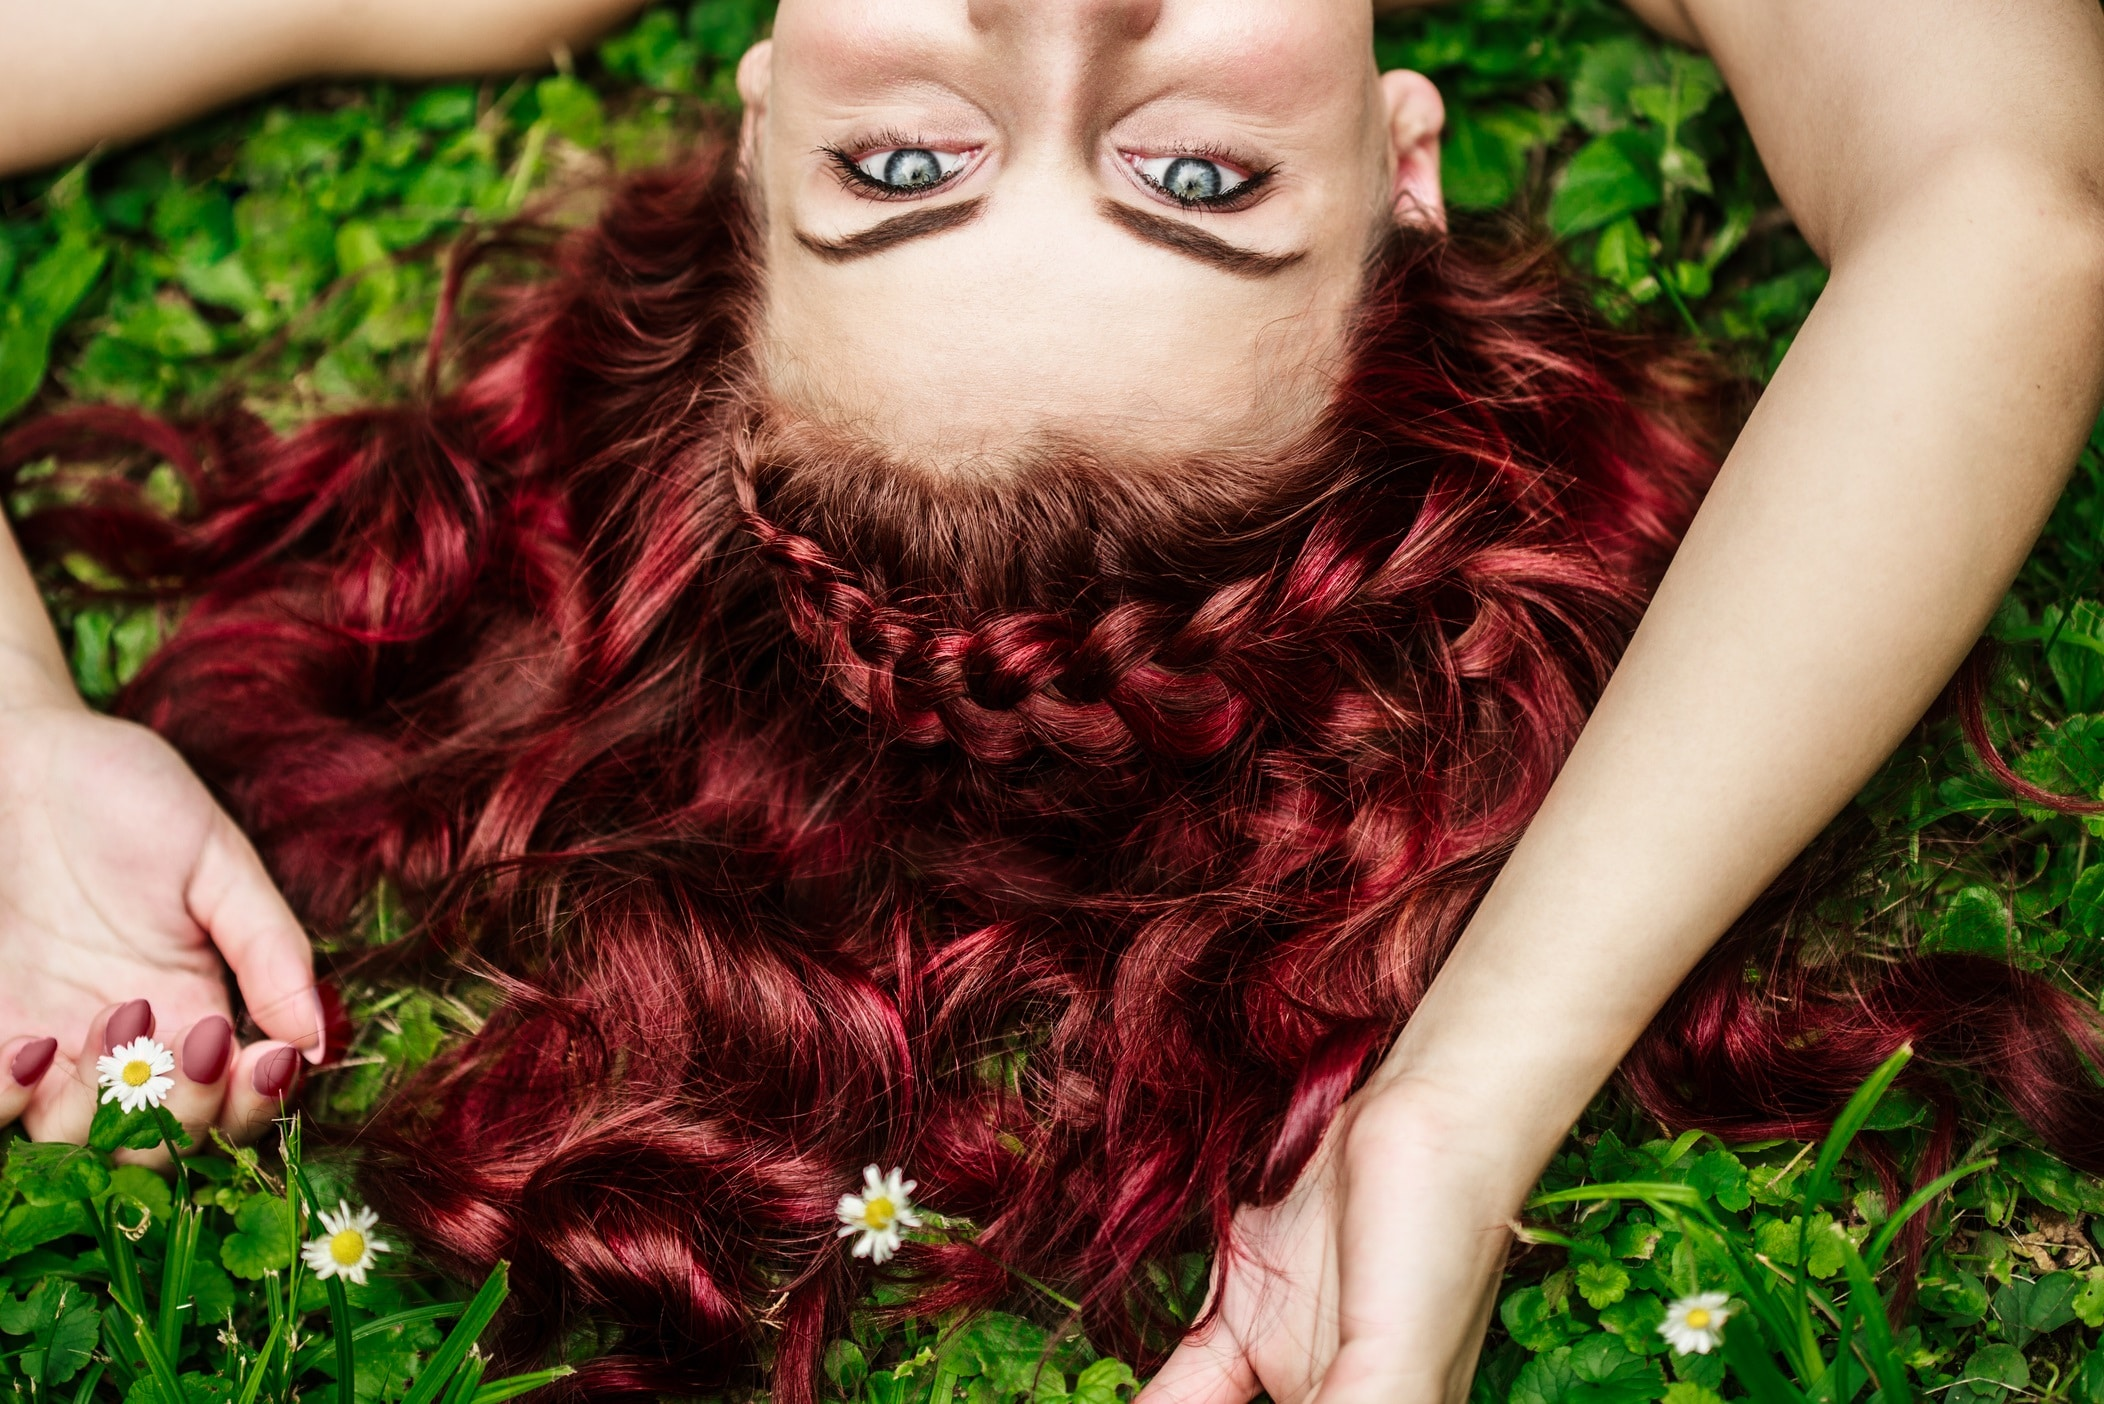 marsala 2 1 - Dúvidas sobre cabelos coloridos? Respondemos à todas elas para você!